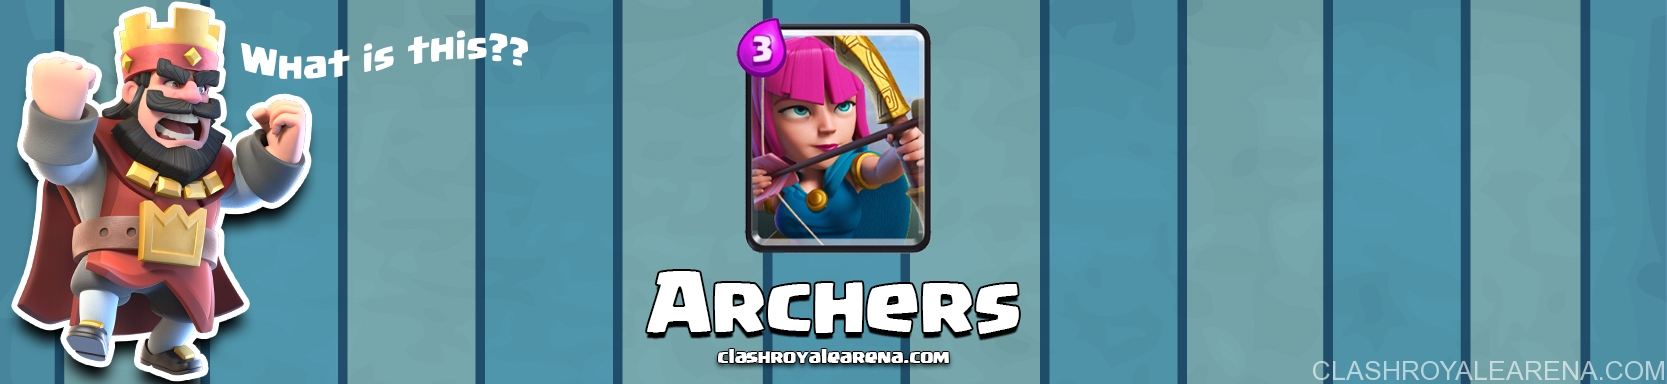 Archers Clash Royale | Clash Royale Guides